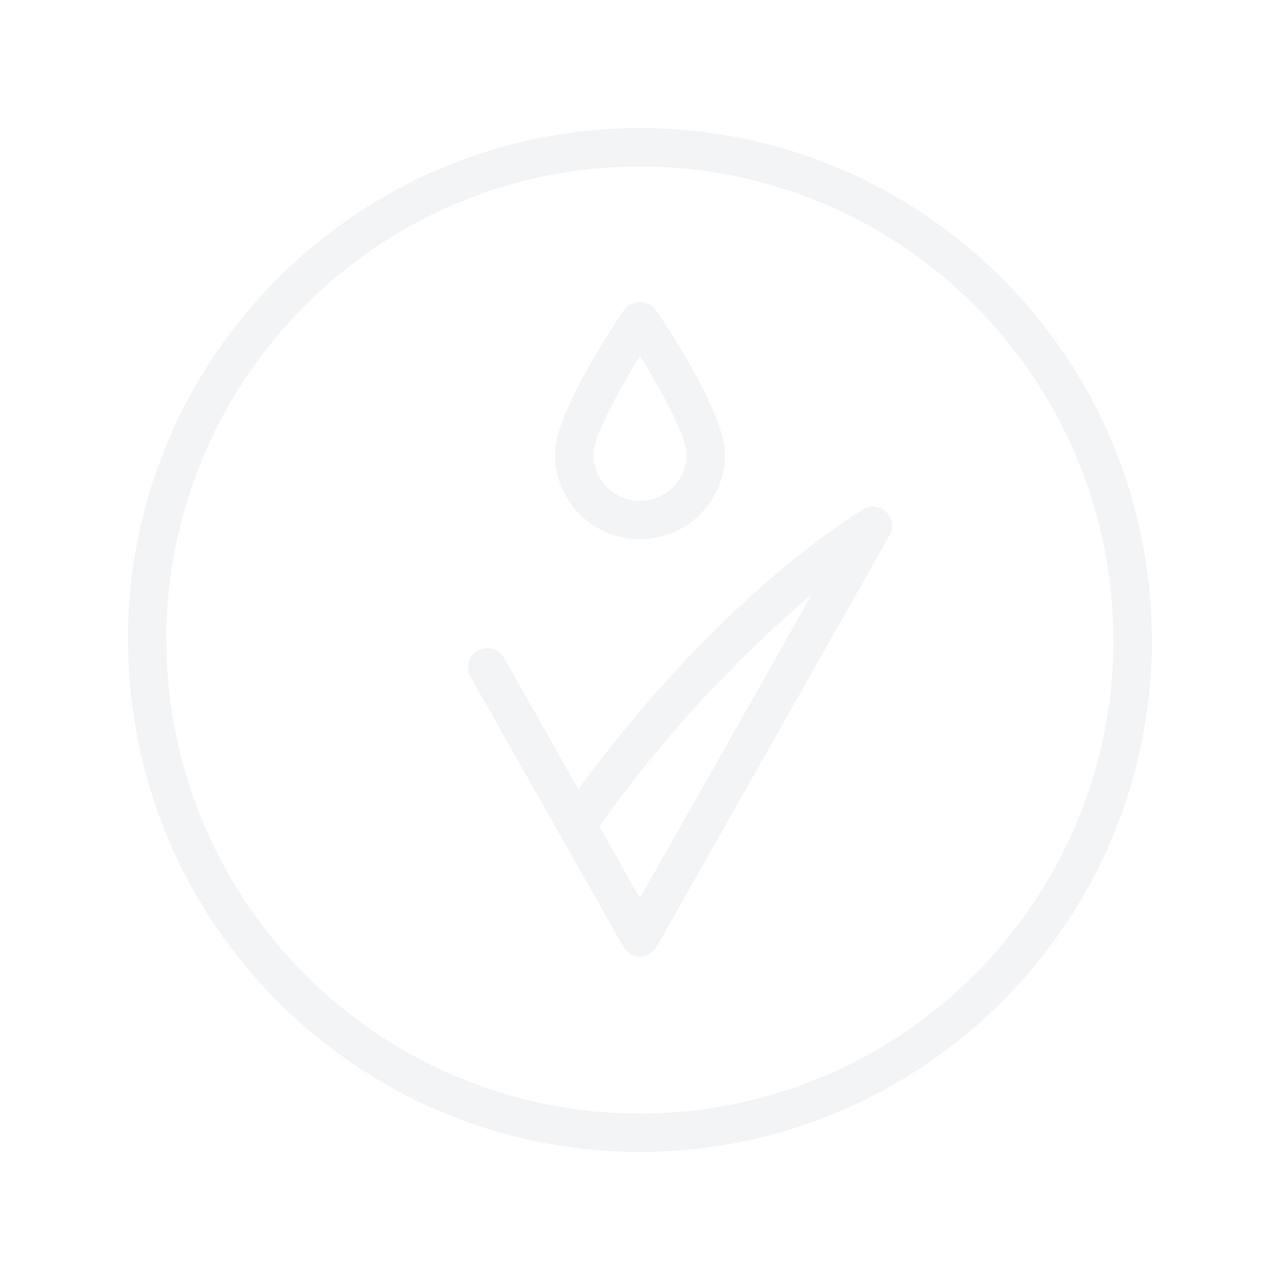 TAHE Organic Care Power intensiivhooldus eriti kahjustatud juustele 30ml